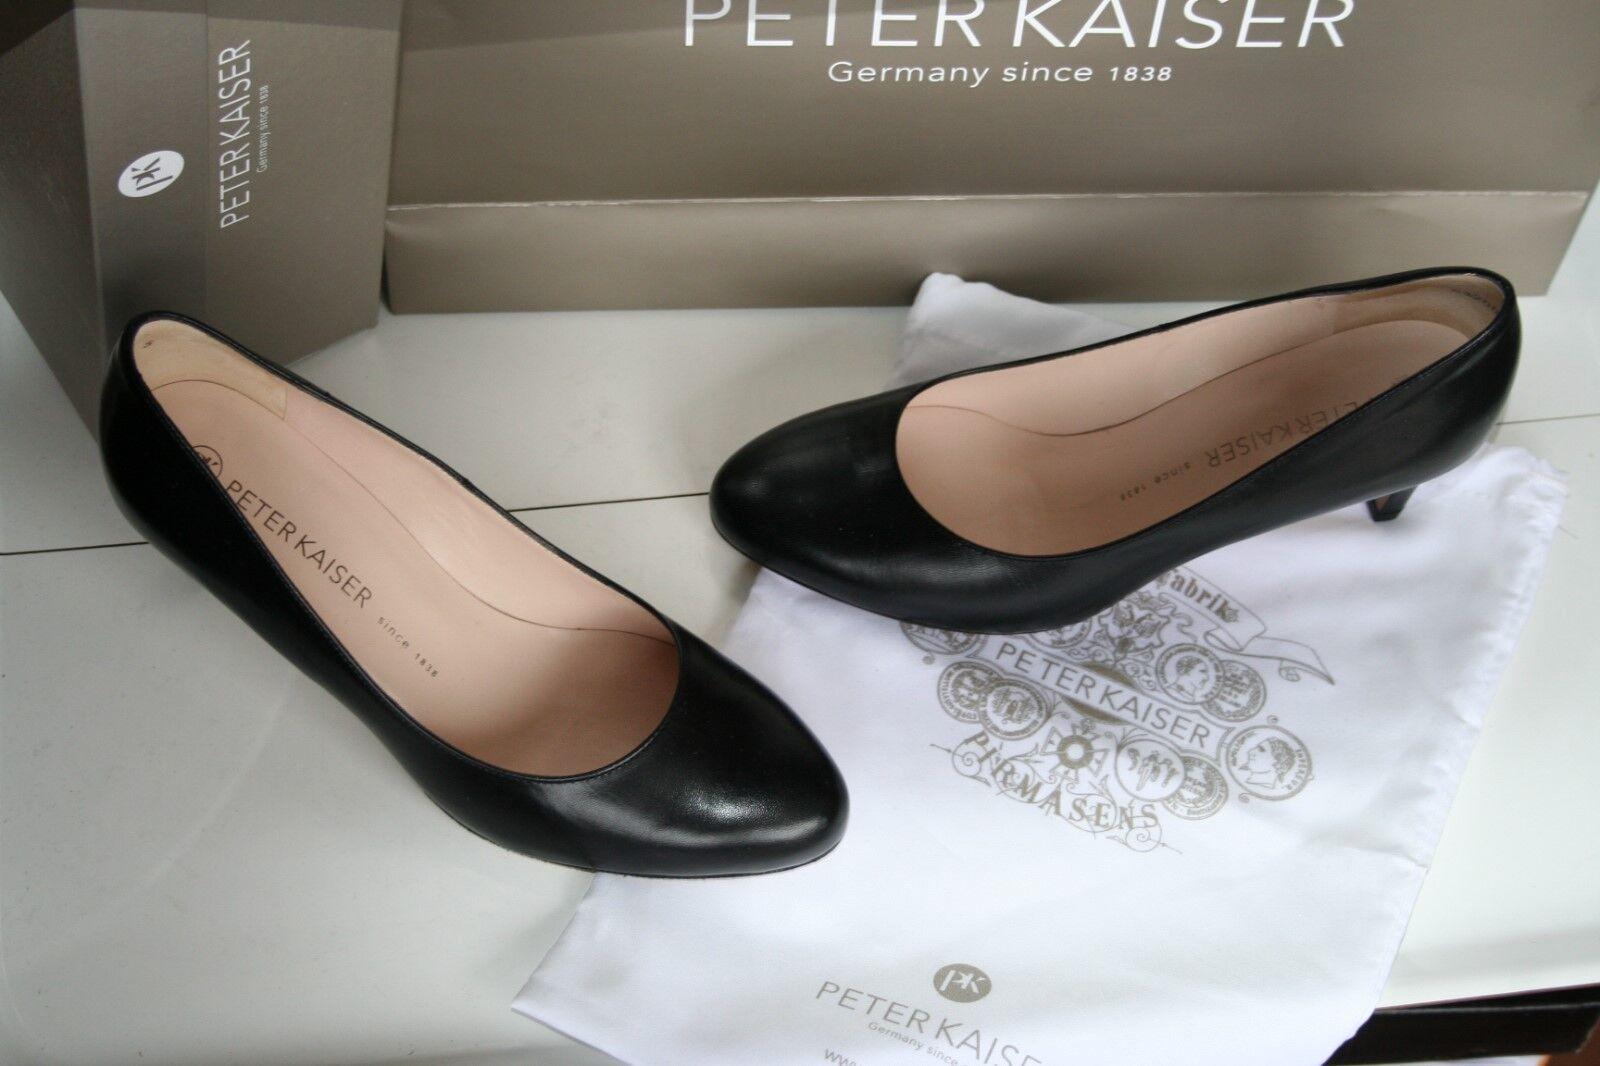 Beste Qualität PETER KAISER Pumps Schuhe Gr. 4,5 ca. 37,5